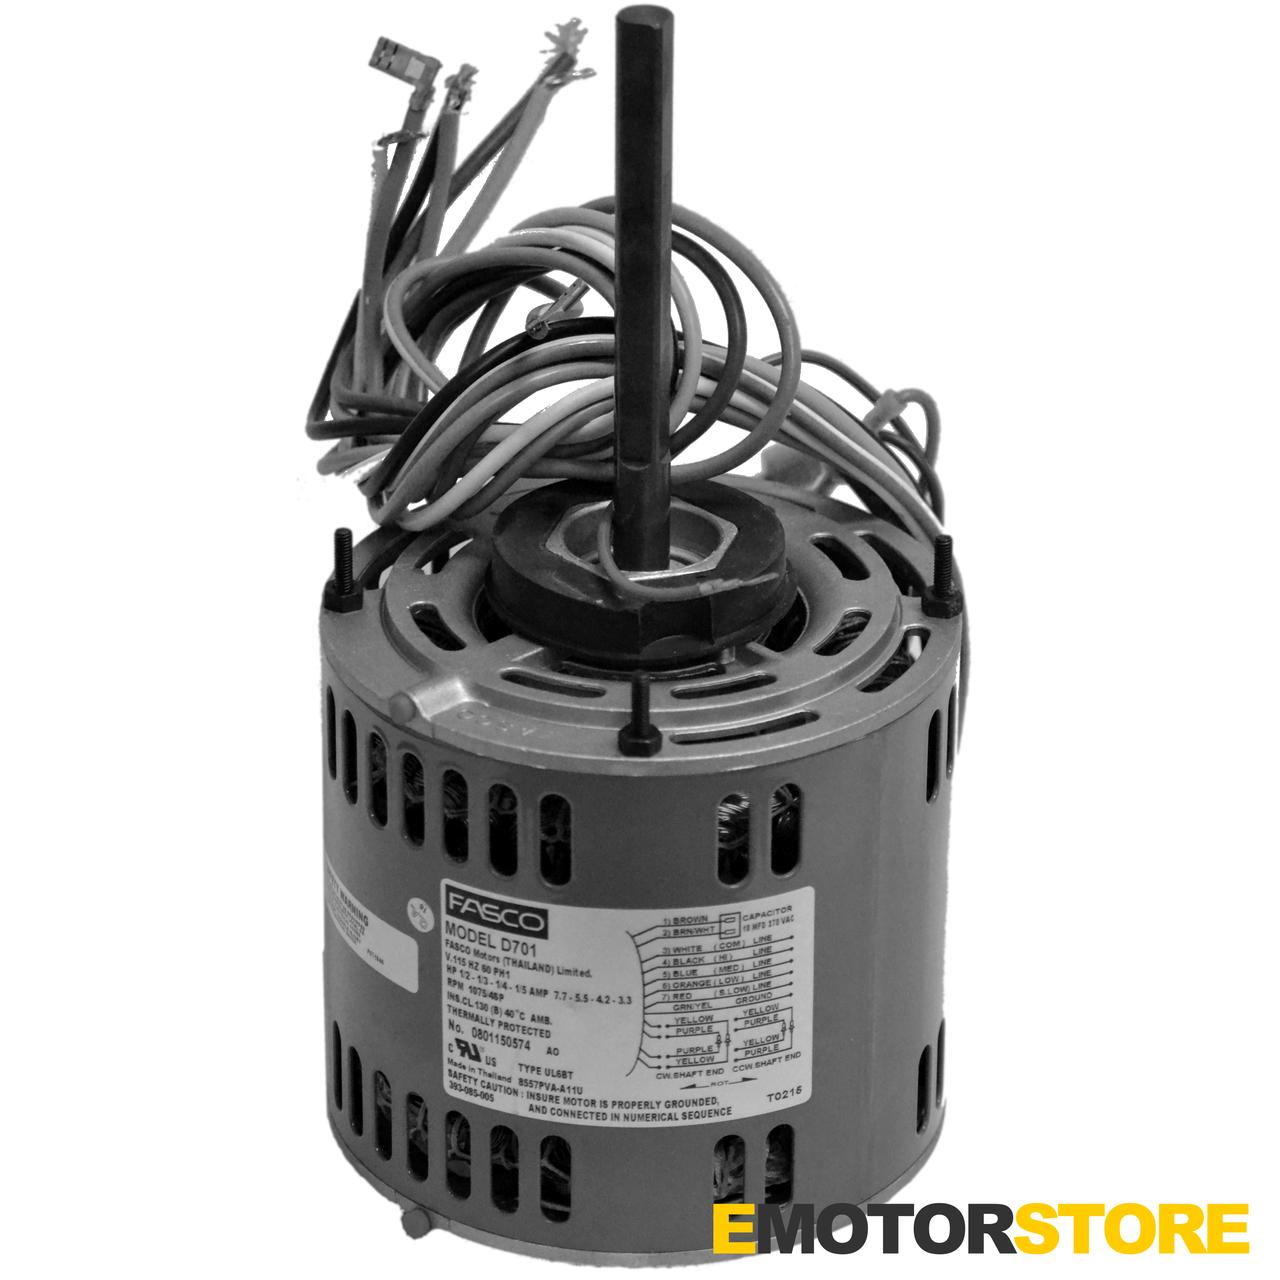 Fasco 2 Sd Motor Wiring Diagram